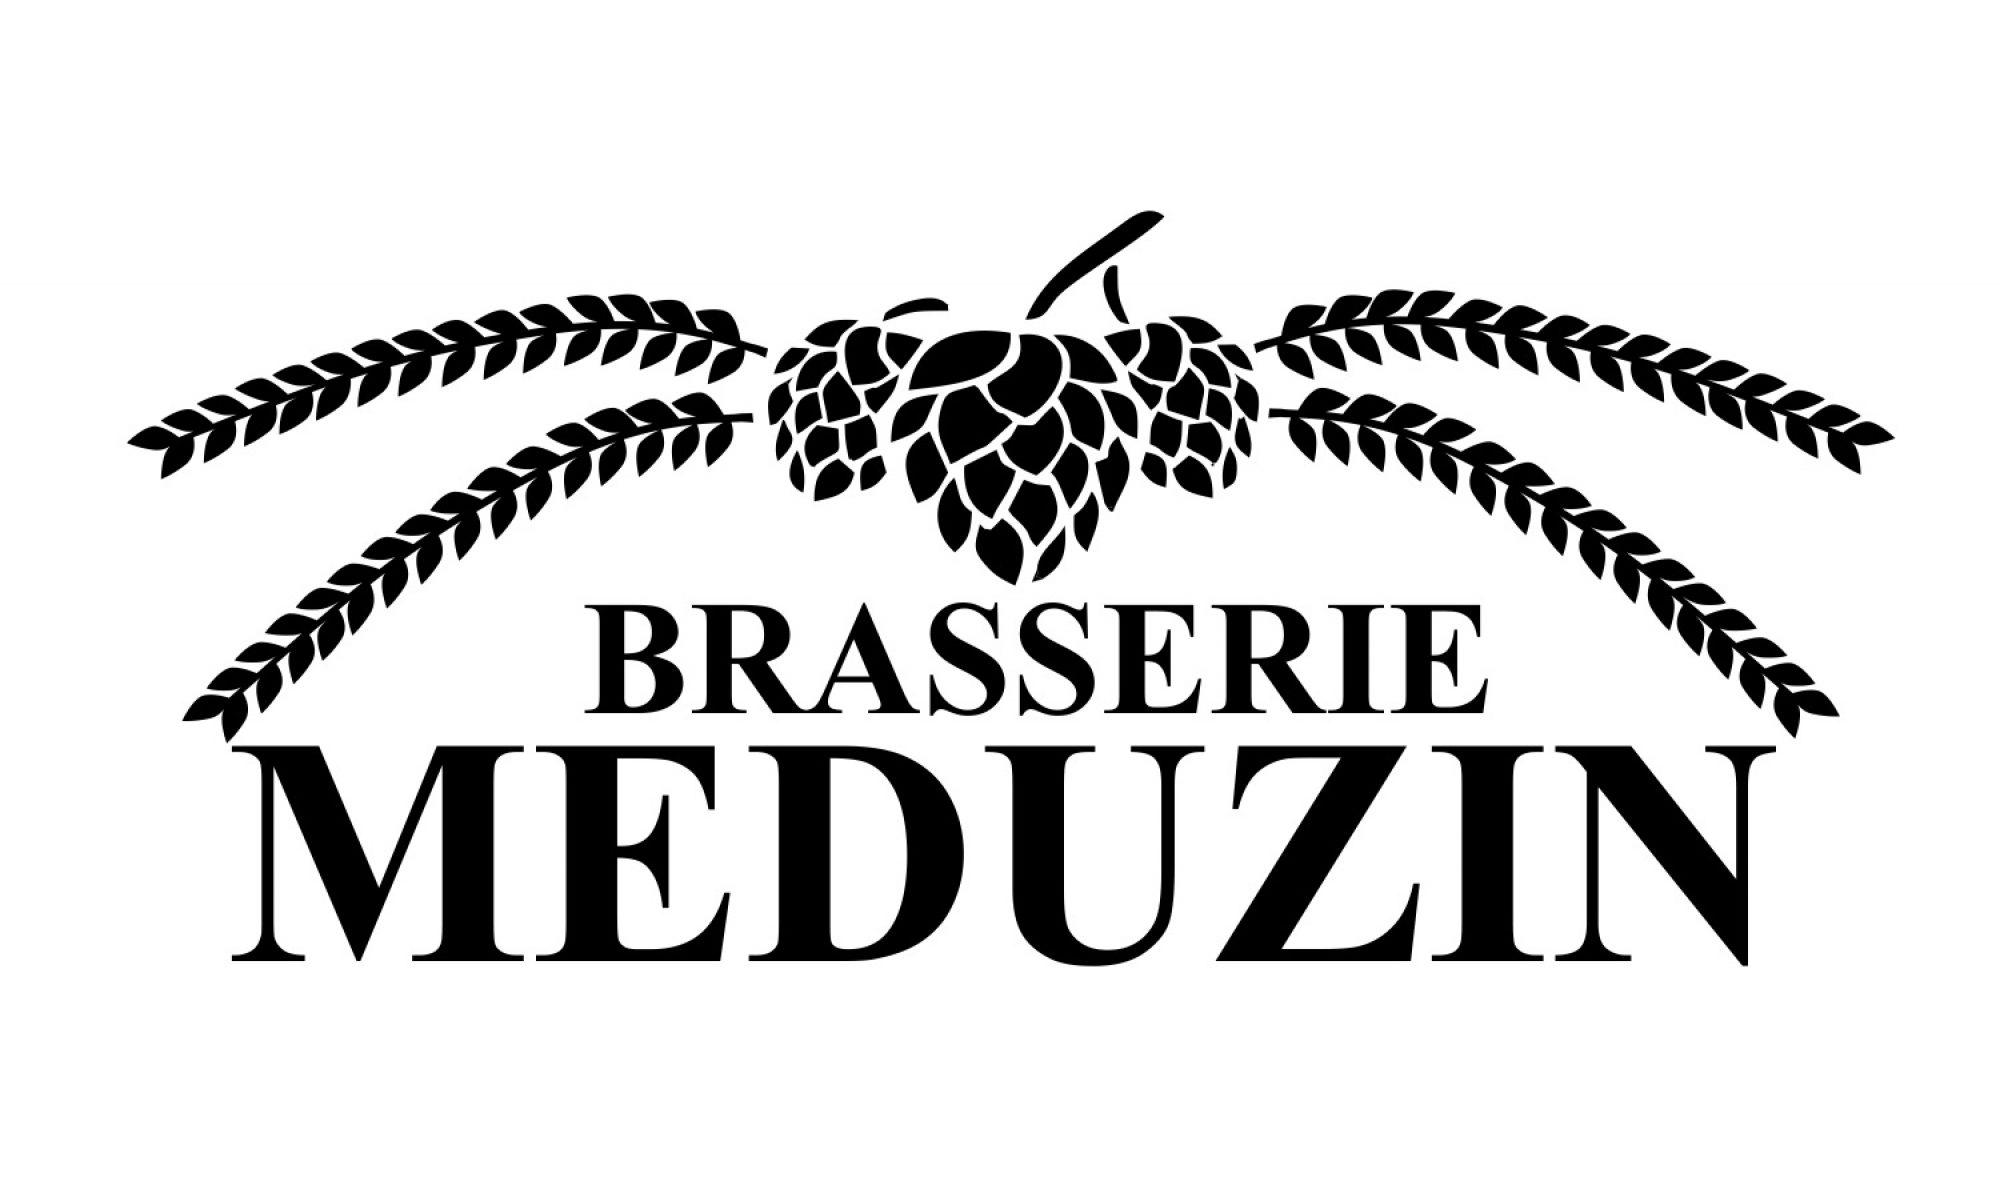 Brasserie Meduzin